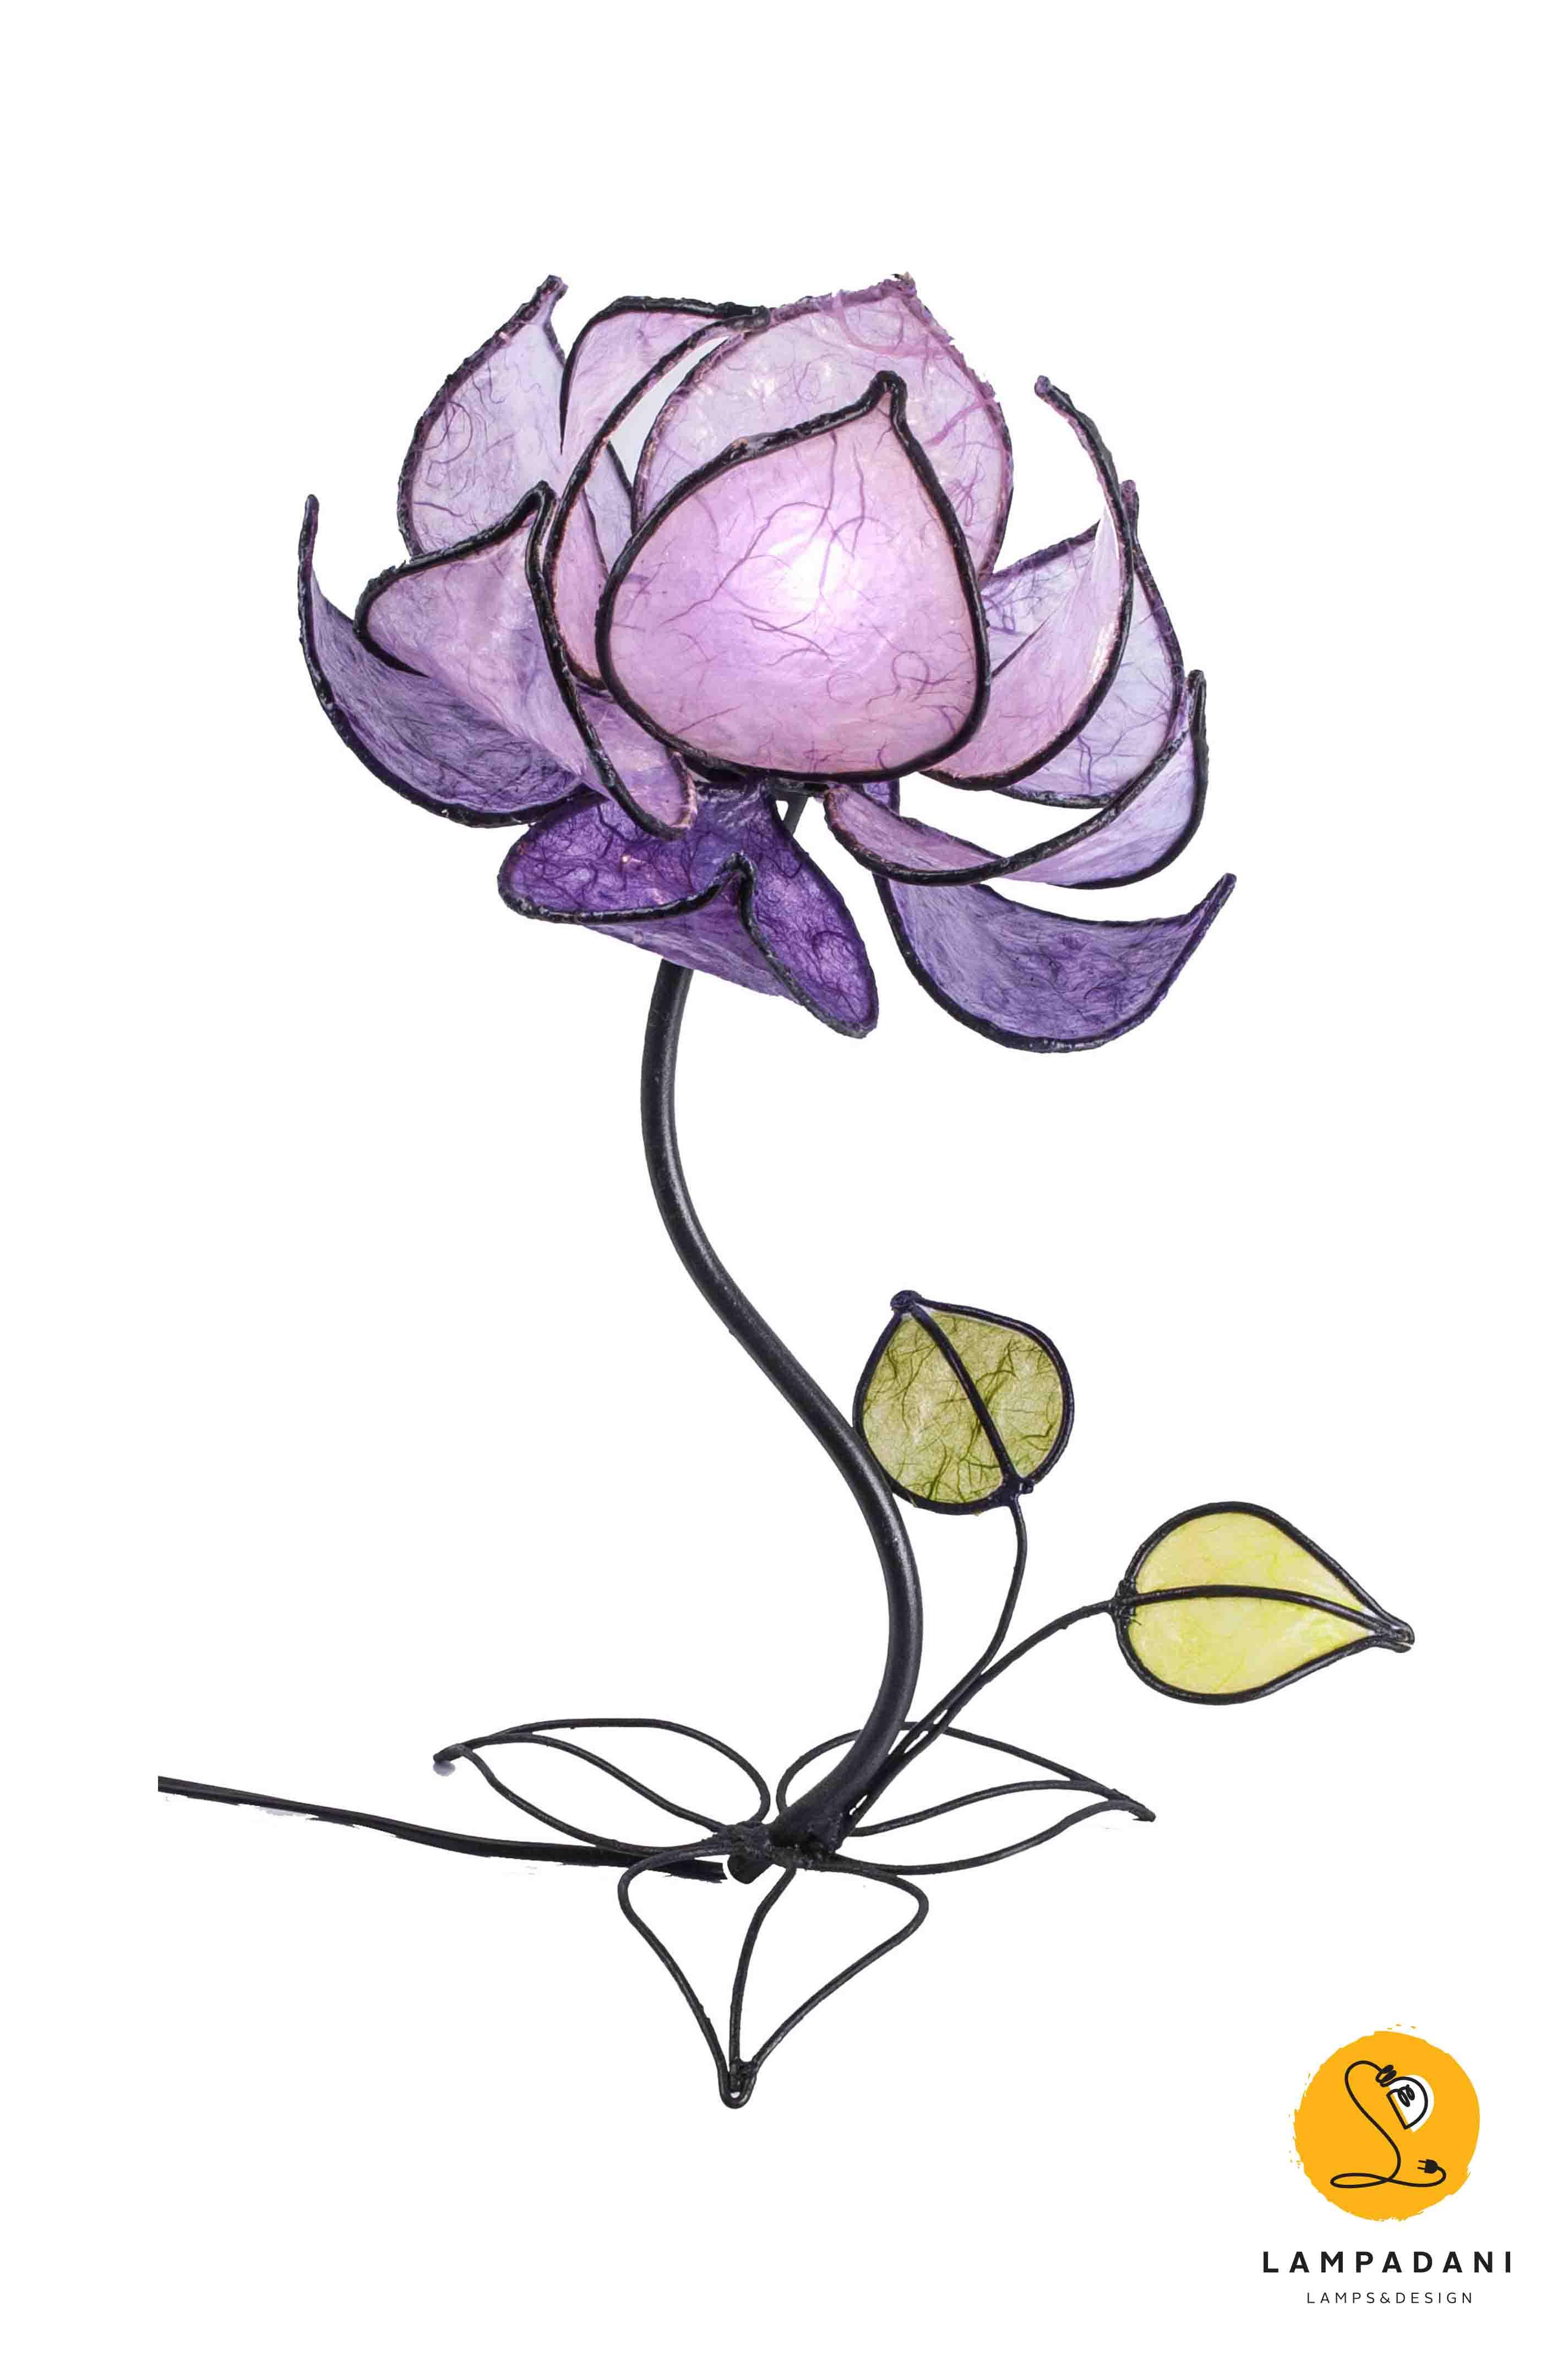 Lotus flower table lamp 12 petals high lampadani lotus flower table lamp 12 petals high izmirmasajfo